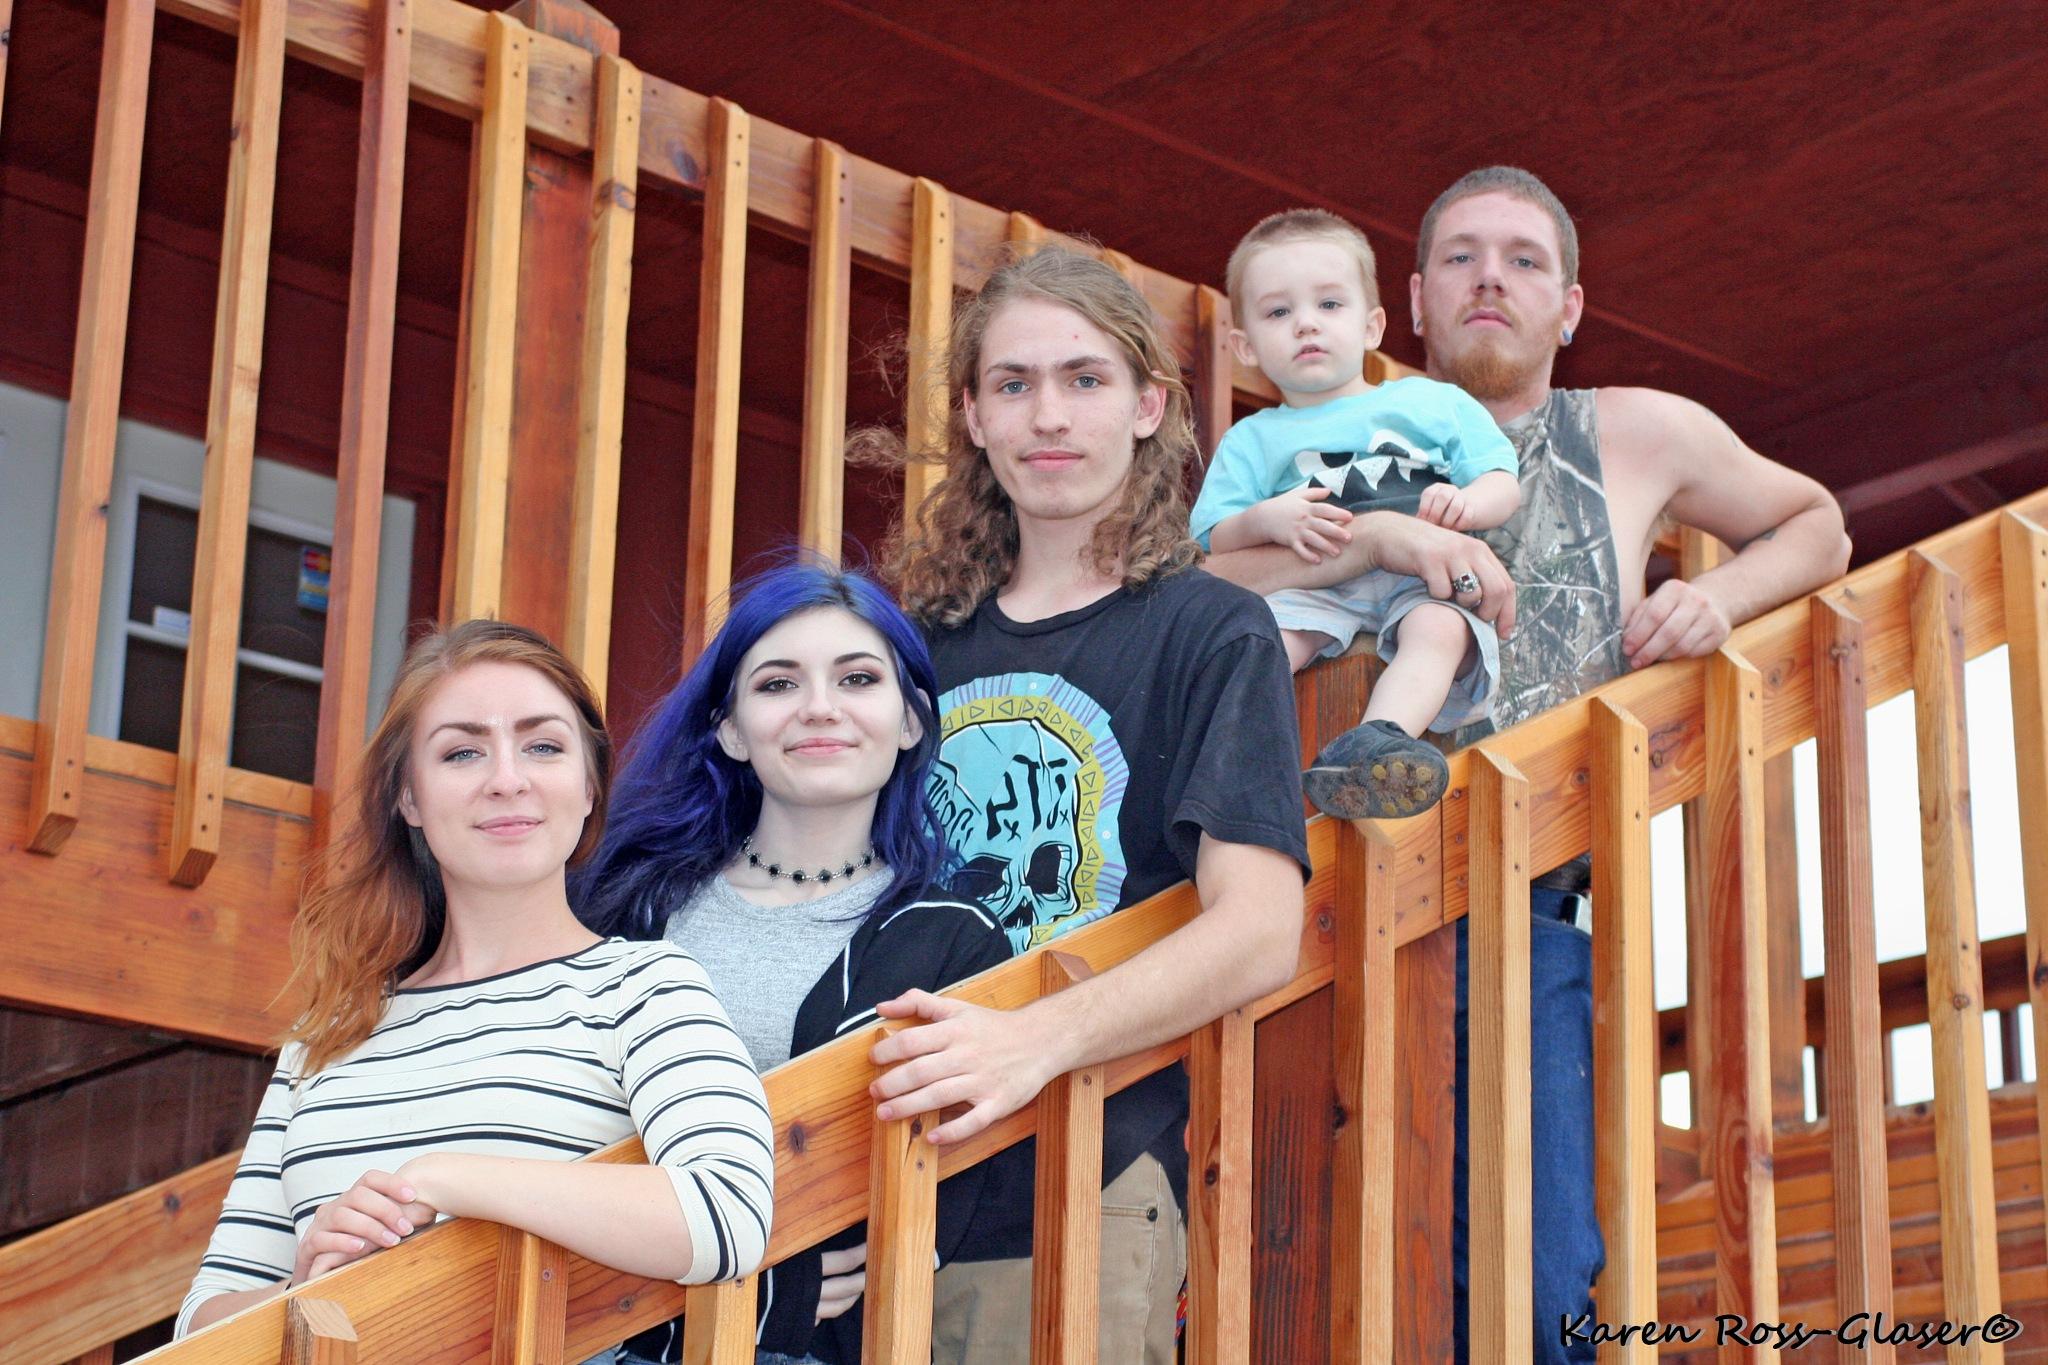 Family by Karen Ross-Glaser